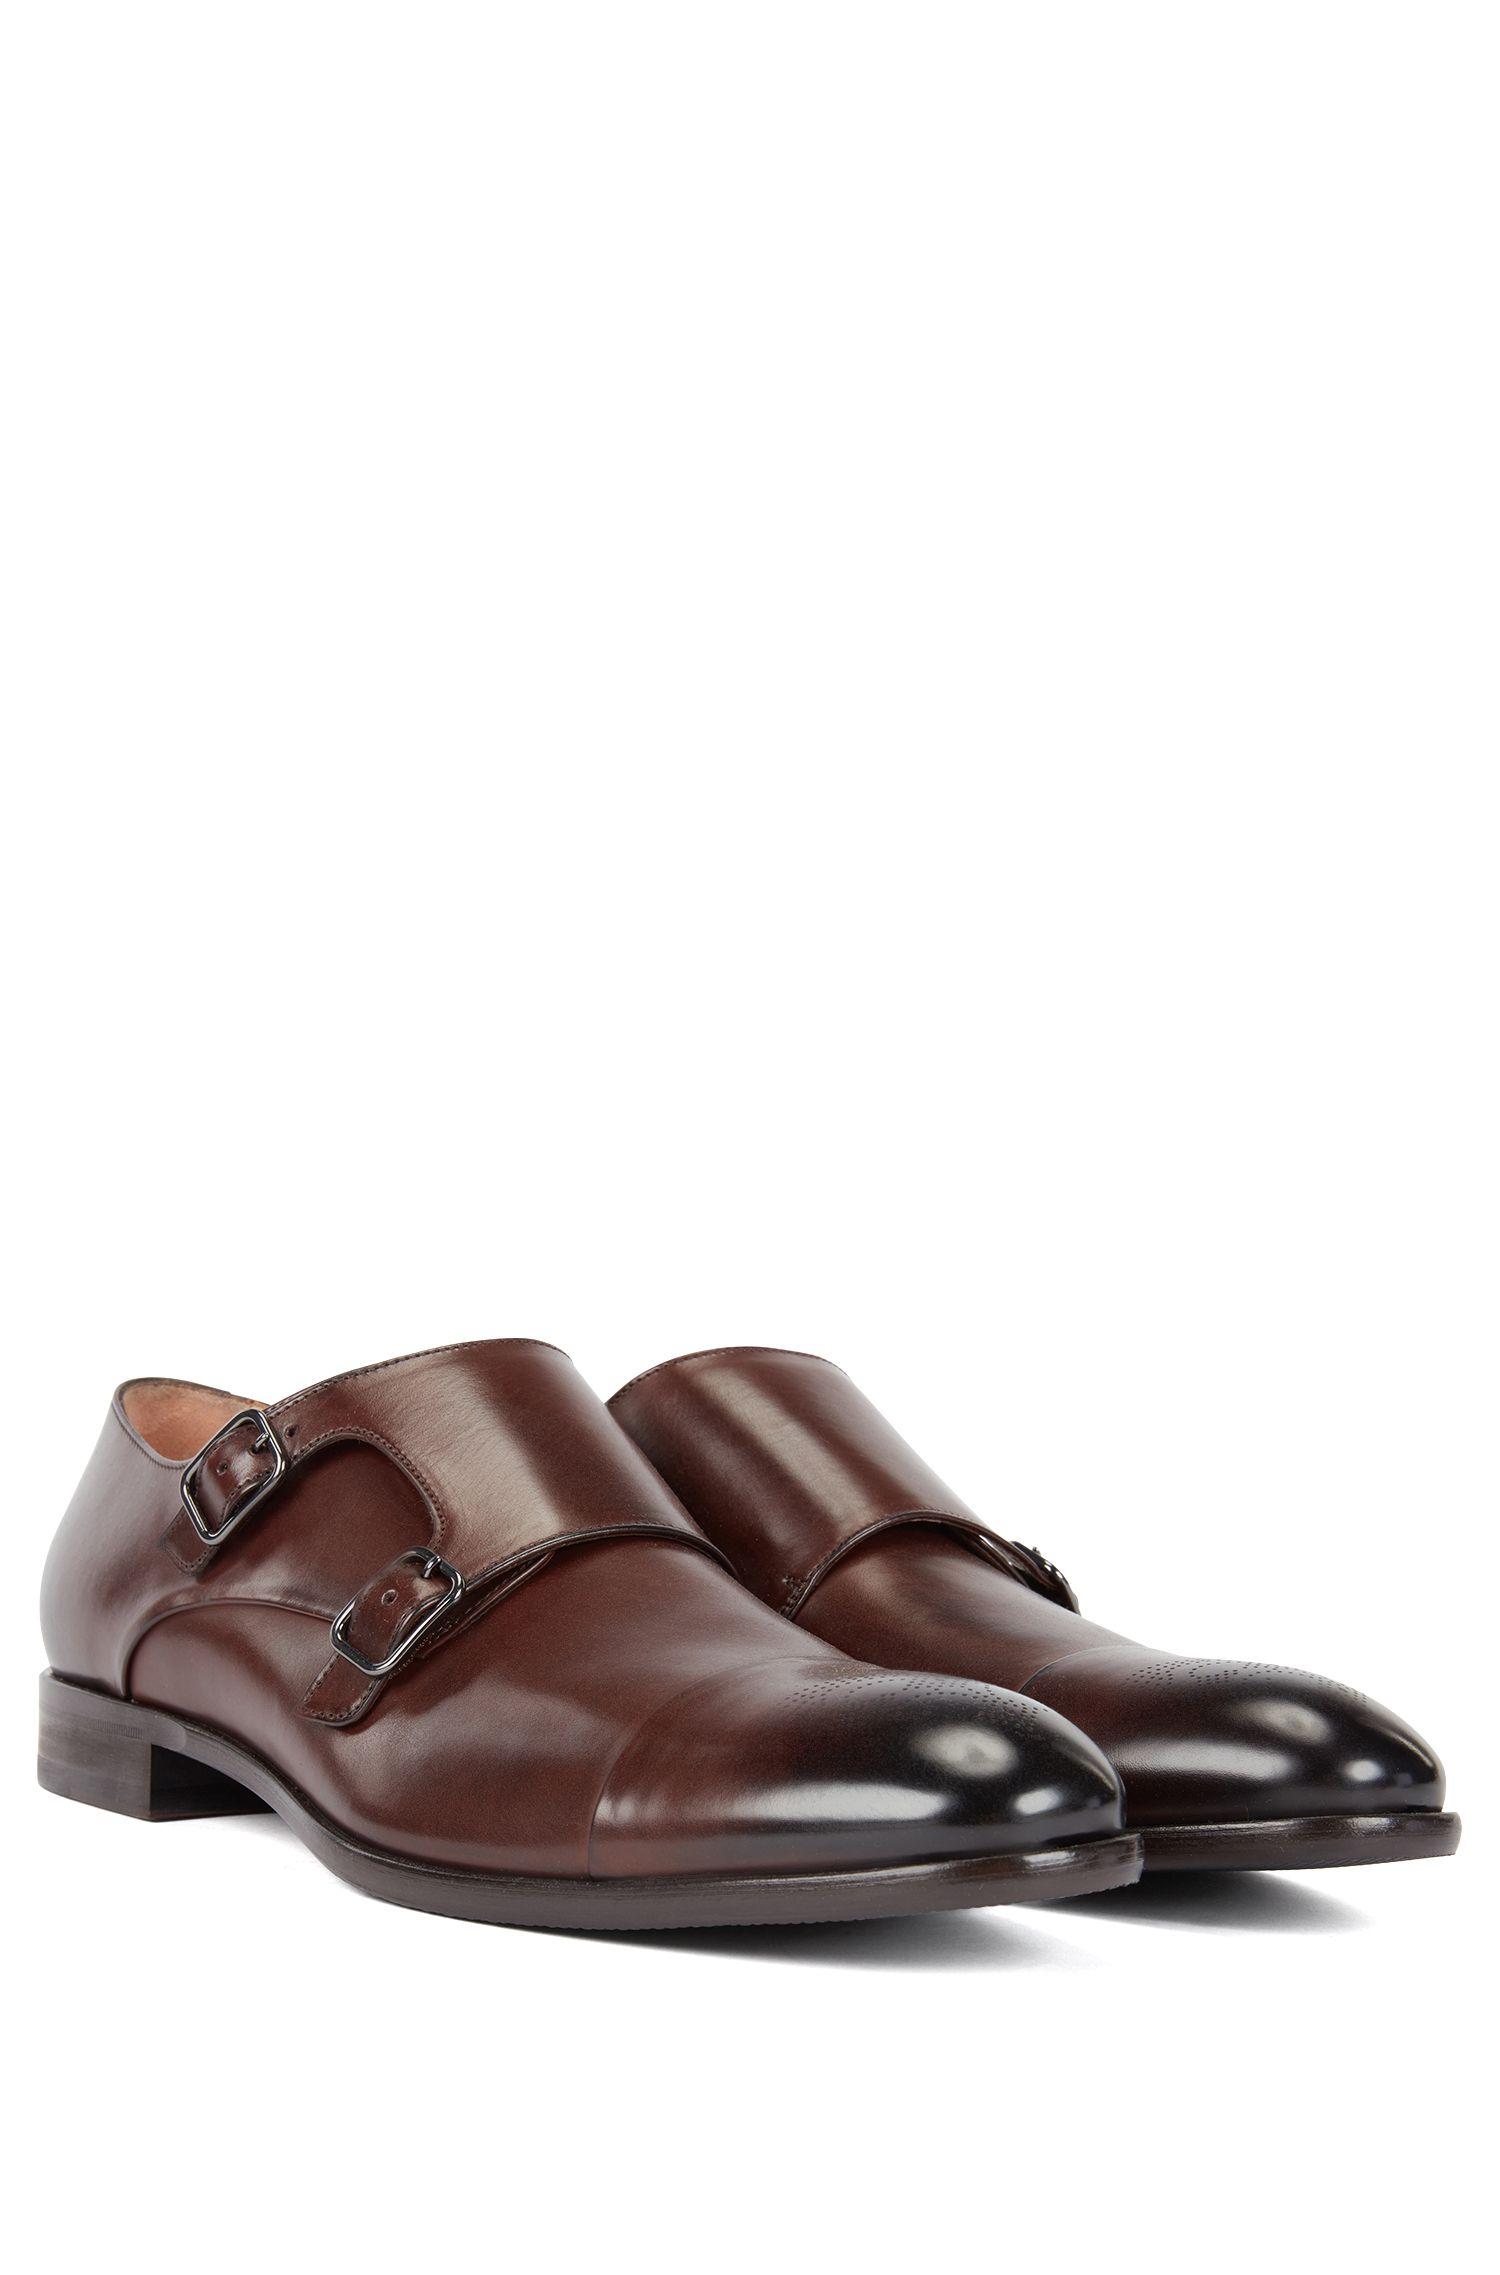 Zapatos de piel pulida con correa de hebilla doble, Marrón oscuro